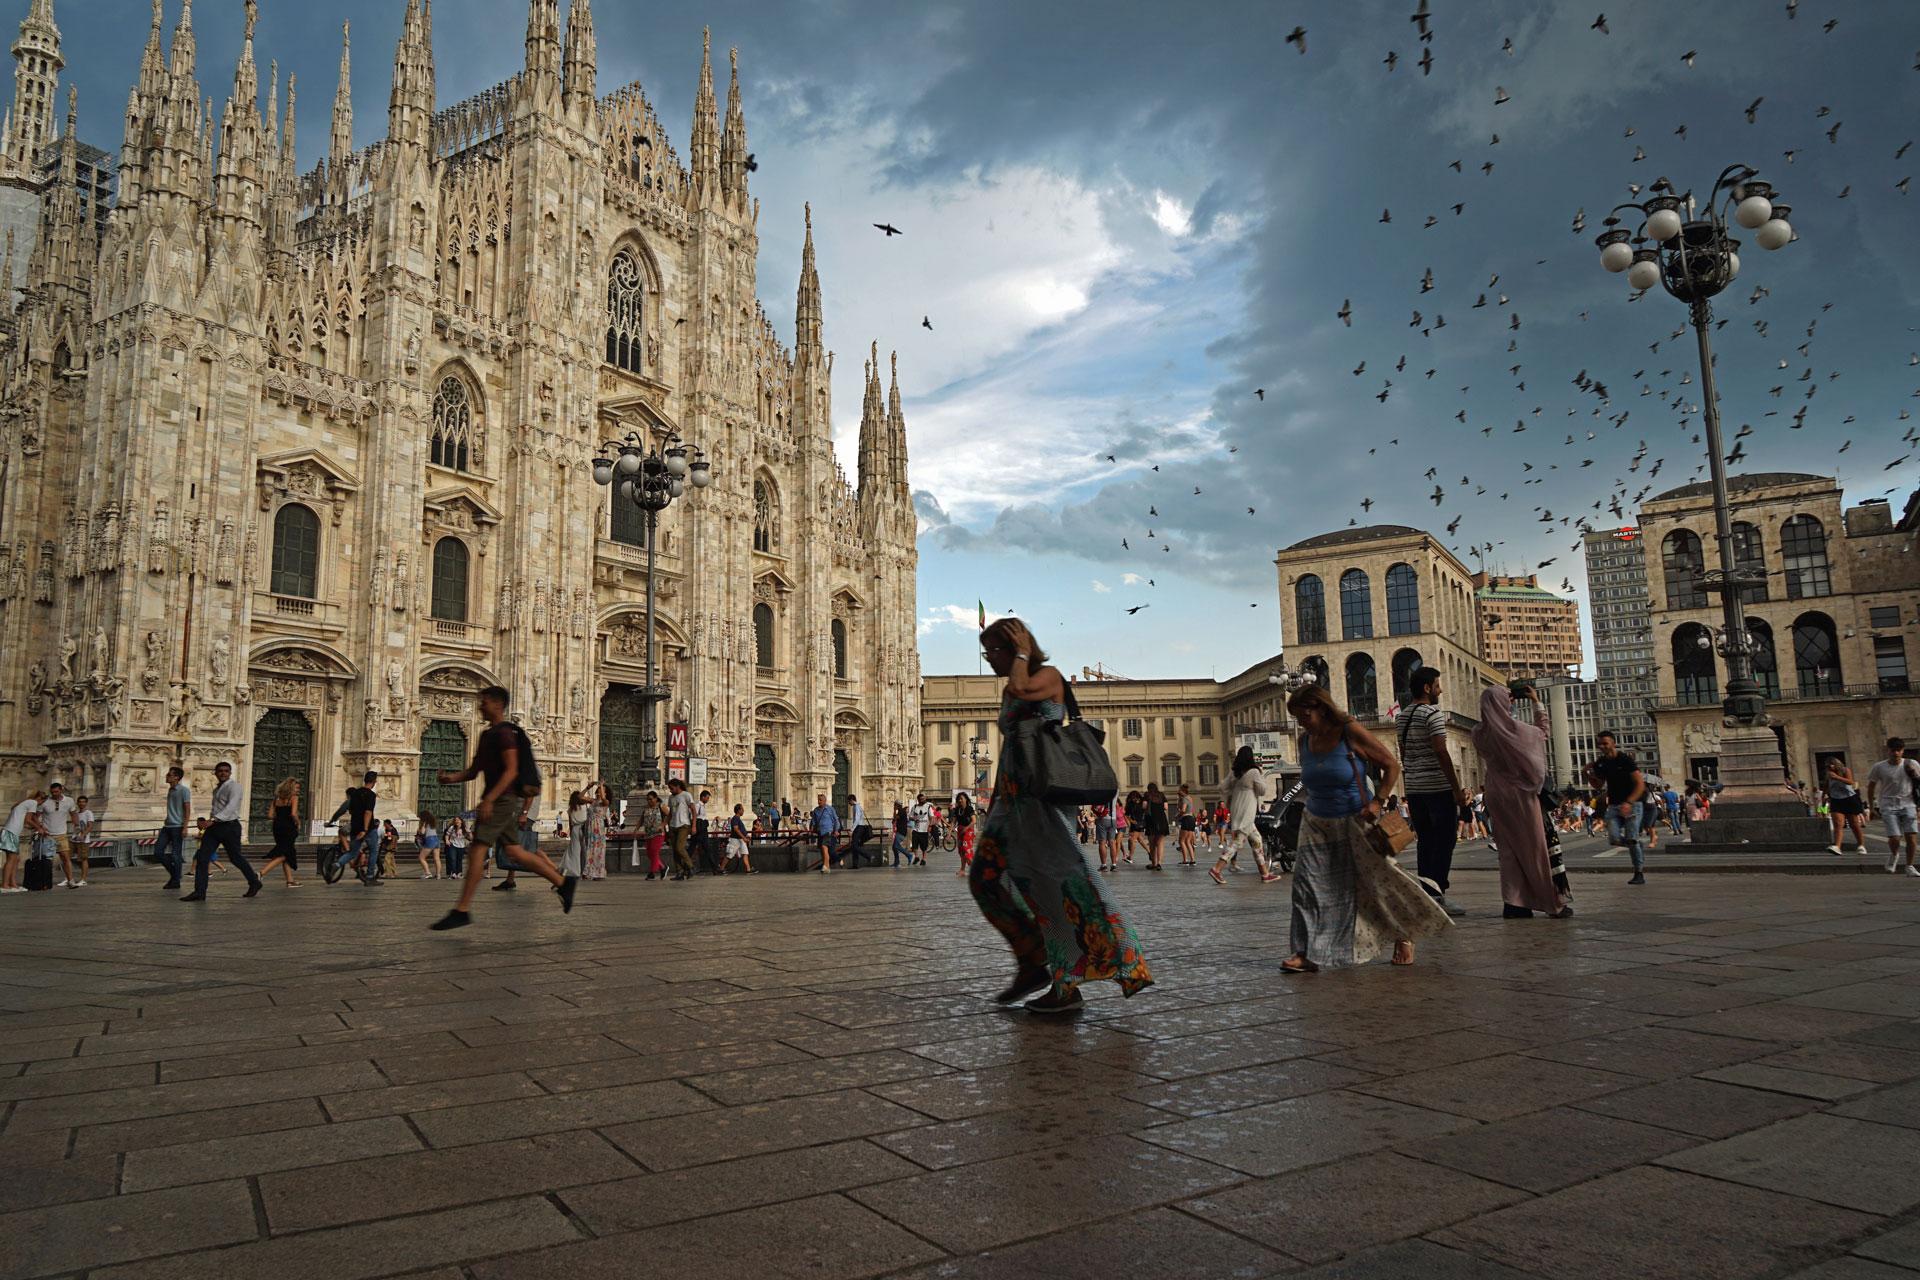 piazza duomo, duomo, temporale milano, persone scappano dalla pioggia, piccioni piazza duomo, milano, elena galimberti, fotografia